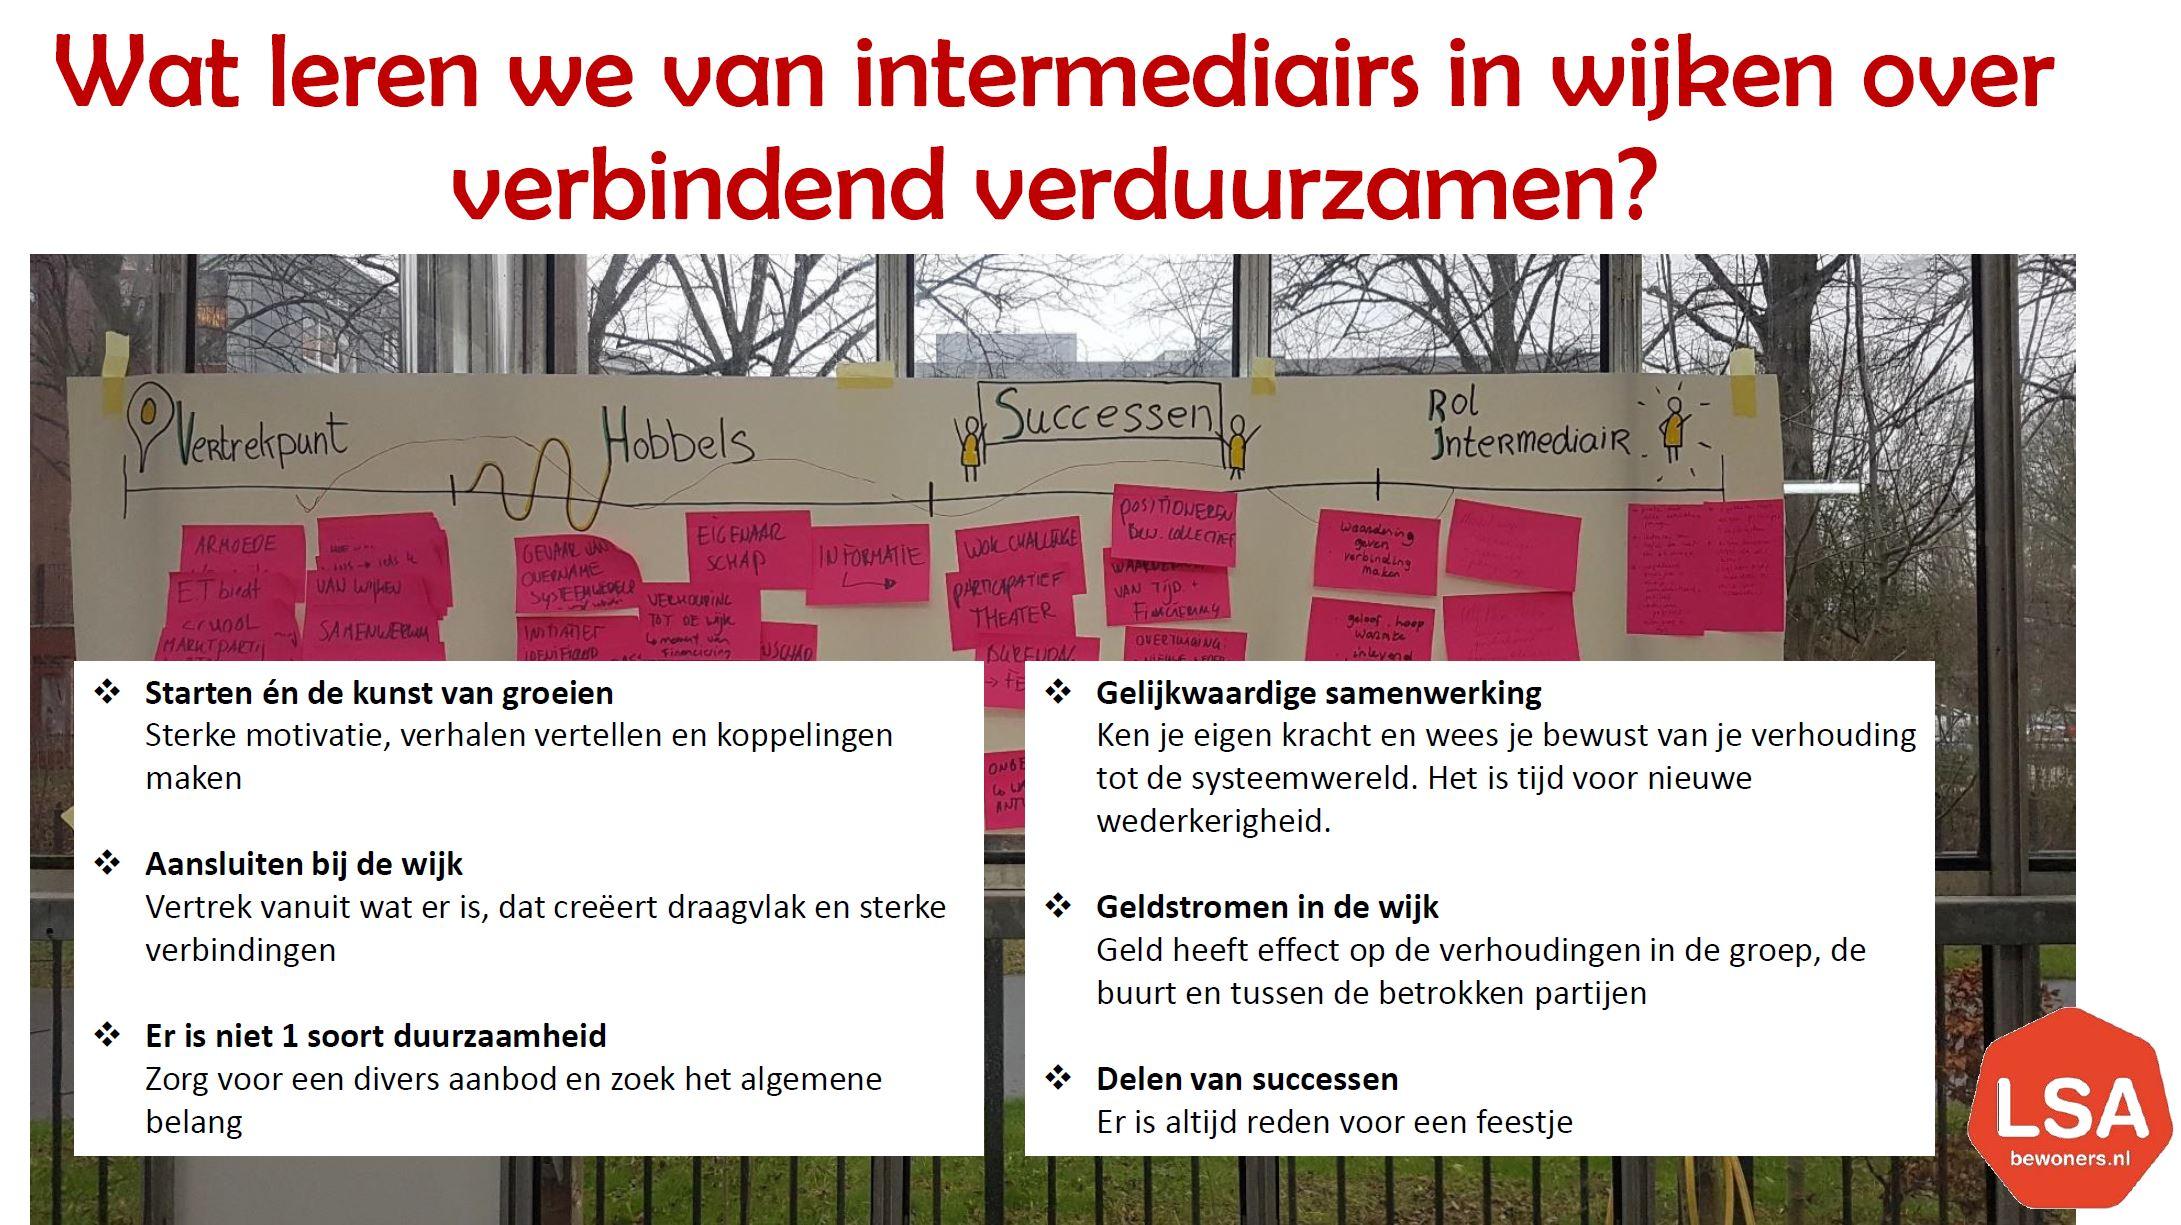 illustratie uit het verslag met de verzamelde quotes uit de discussie in stickers op de muur